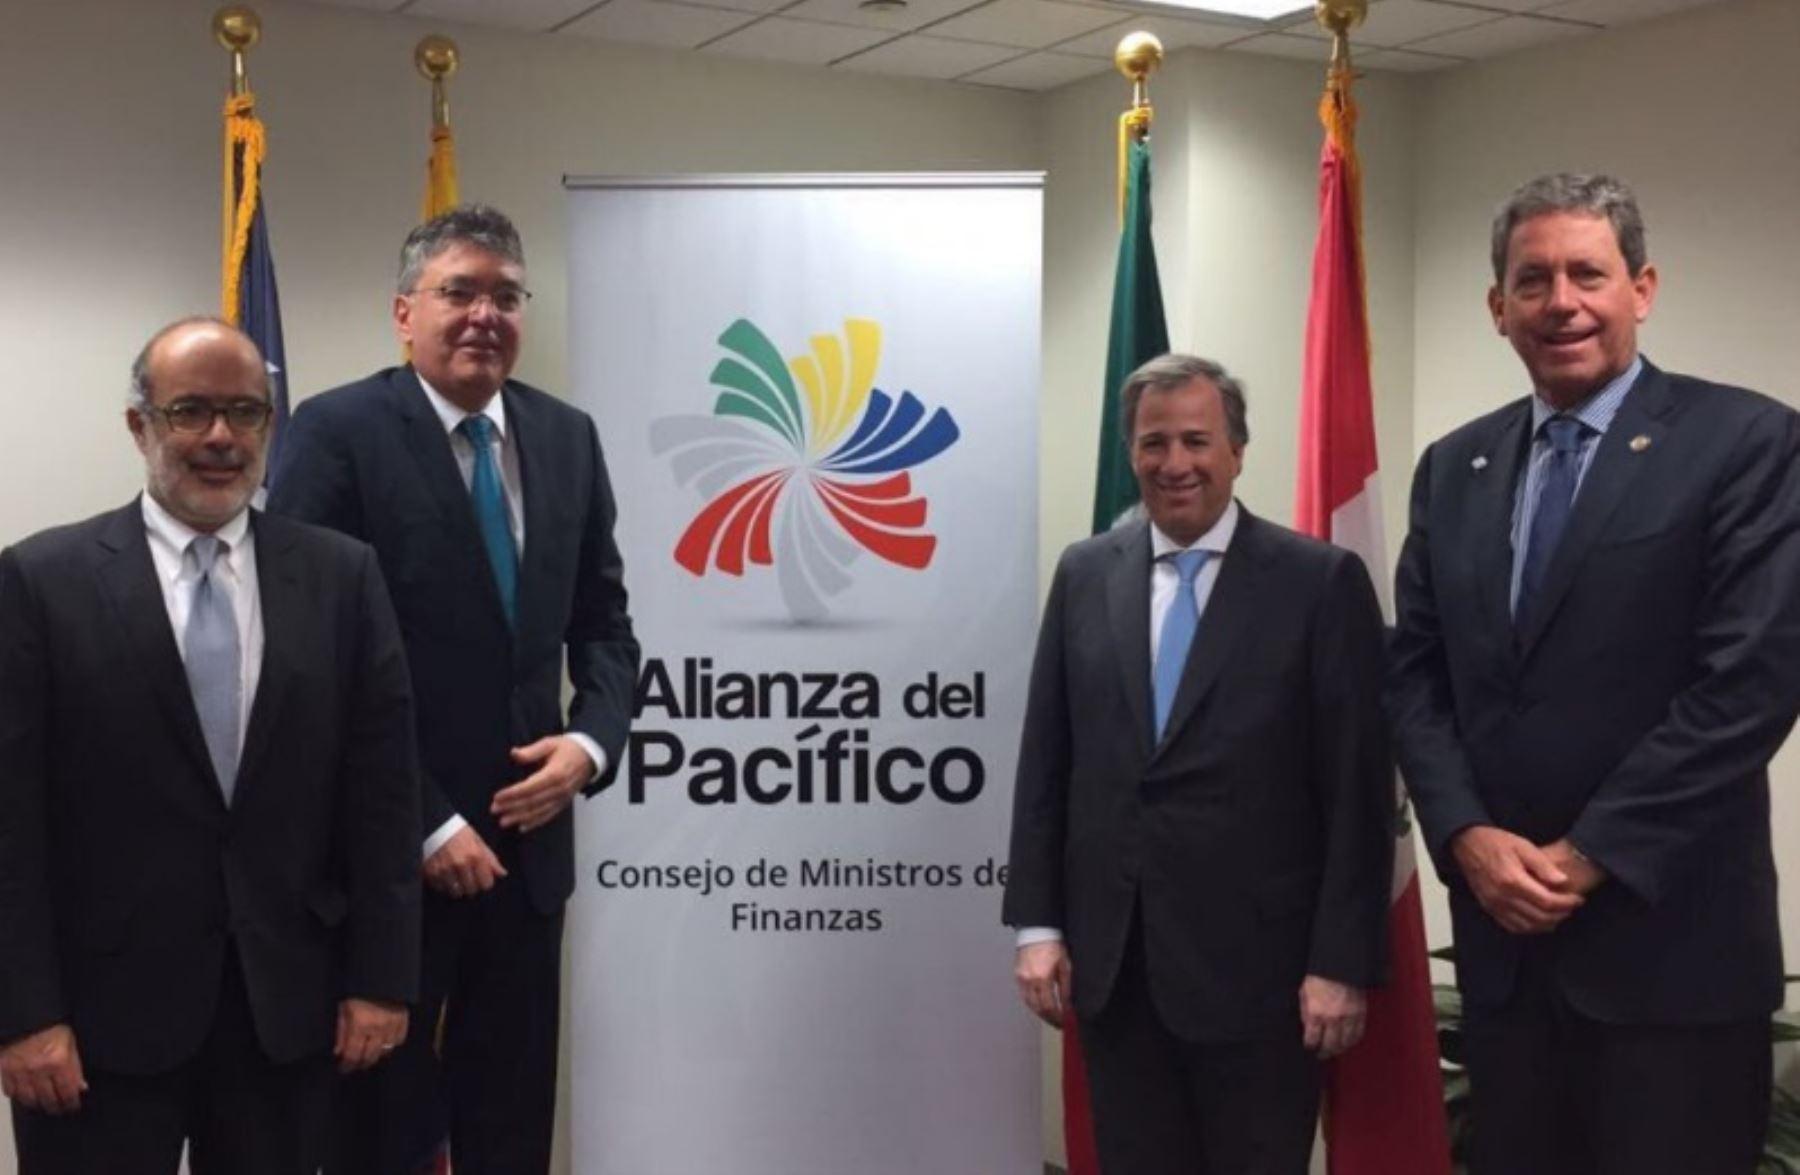 Ministros de Economía de la Alianza del Pacífico, de izquierda a derecha: Rodrigo Valdés (Chile),  Mauricio Cárdenas (Colombia), José Antonio Meade (México) y Alfredo Thorne (Perú). Foto Cortesía.